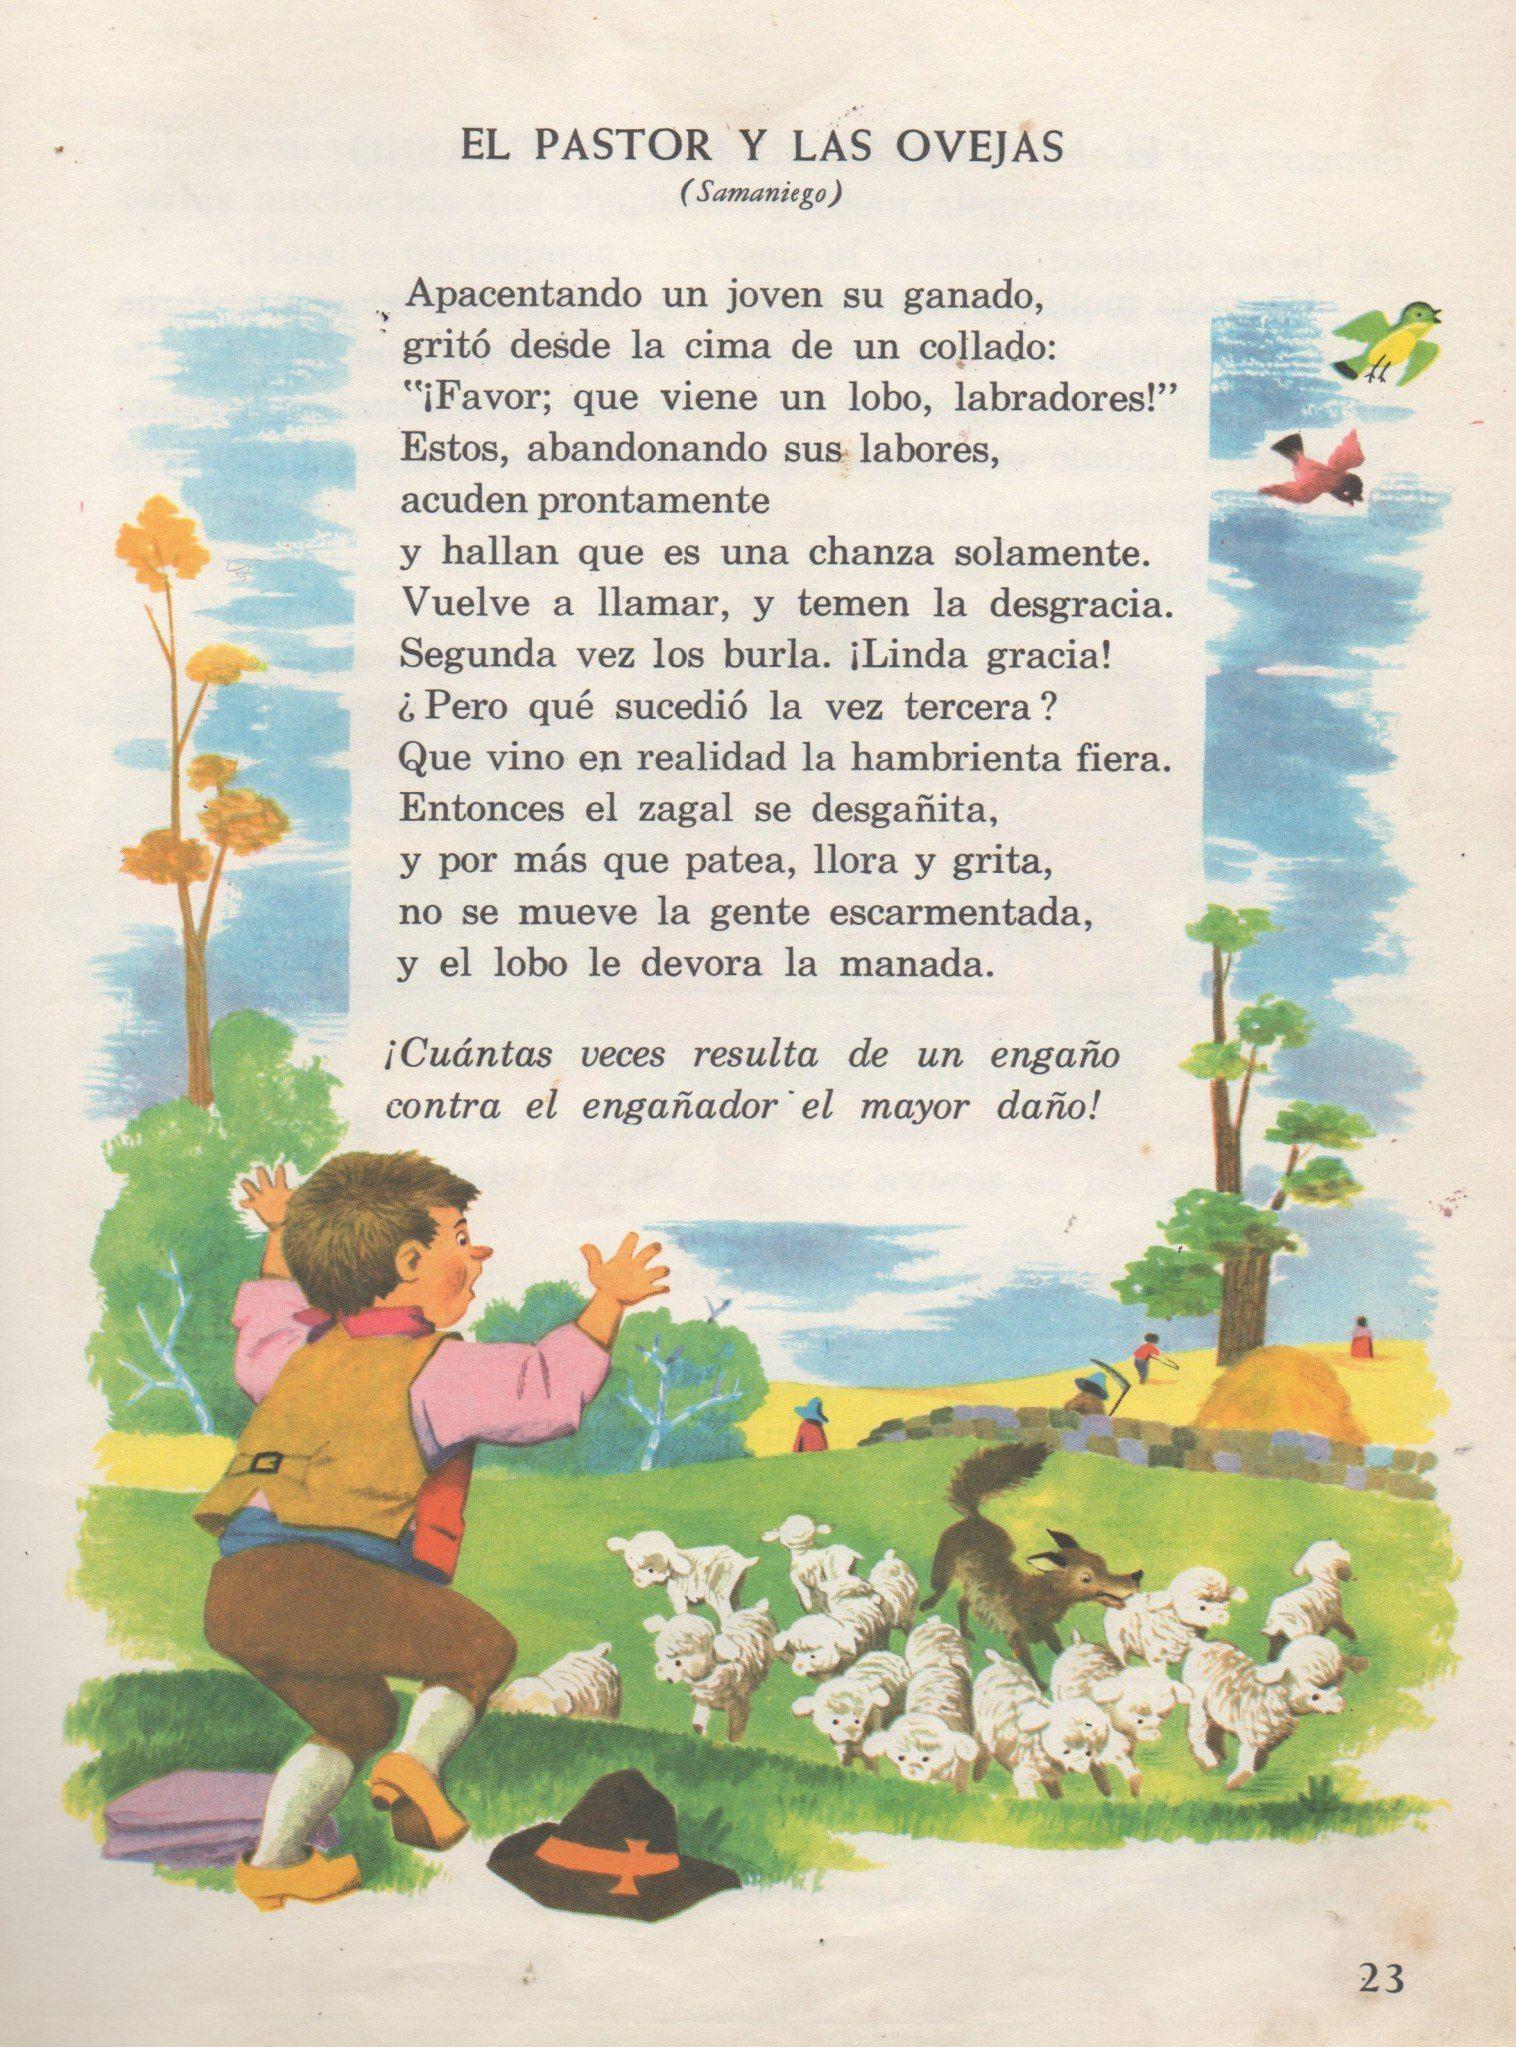 Raúl Stévano Fábulas Archivo De Ilustración Argentina Cuentos Cortos Para Imprimir Cuentos Infantiles Para Leer Libros De Lectura